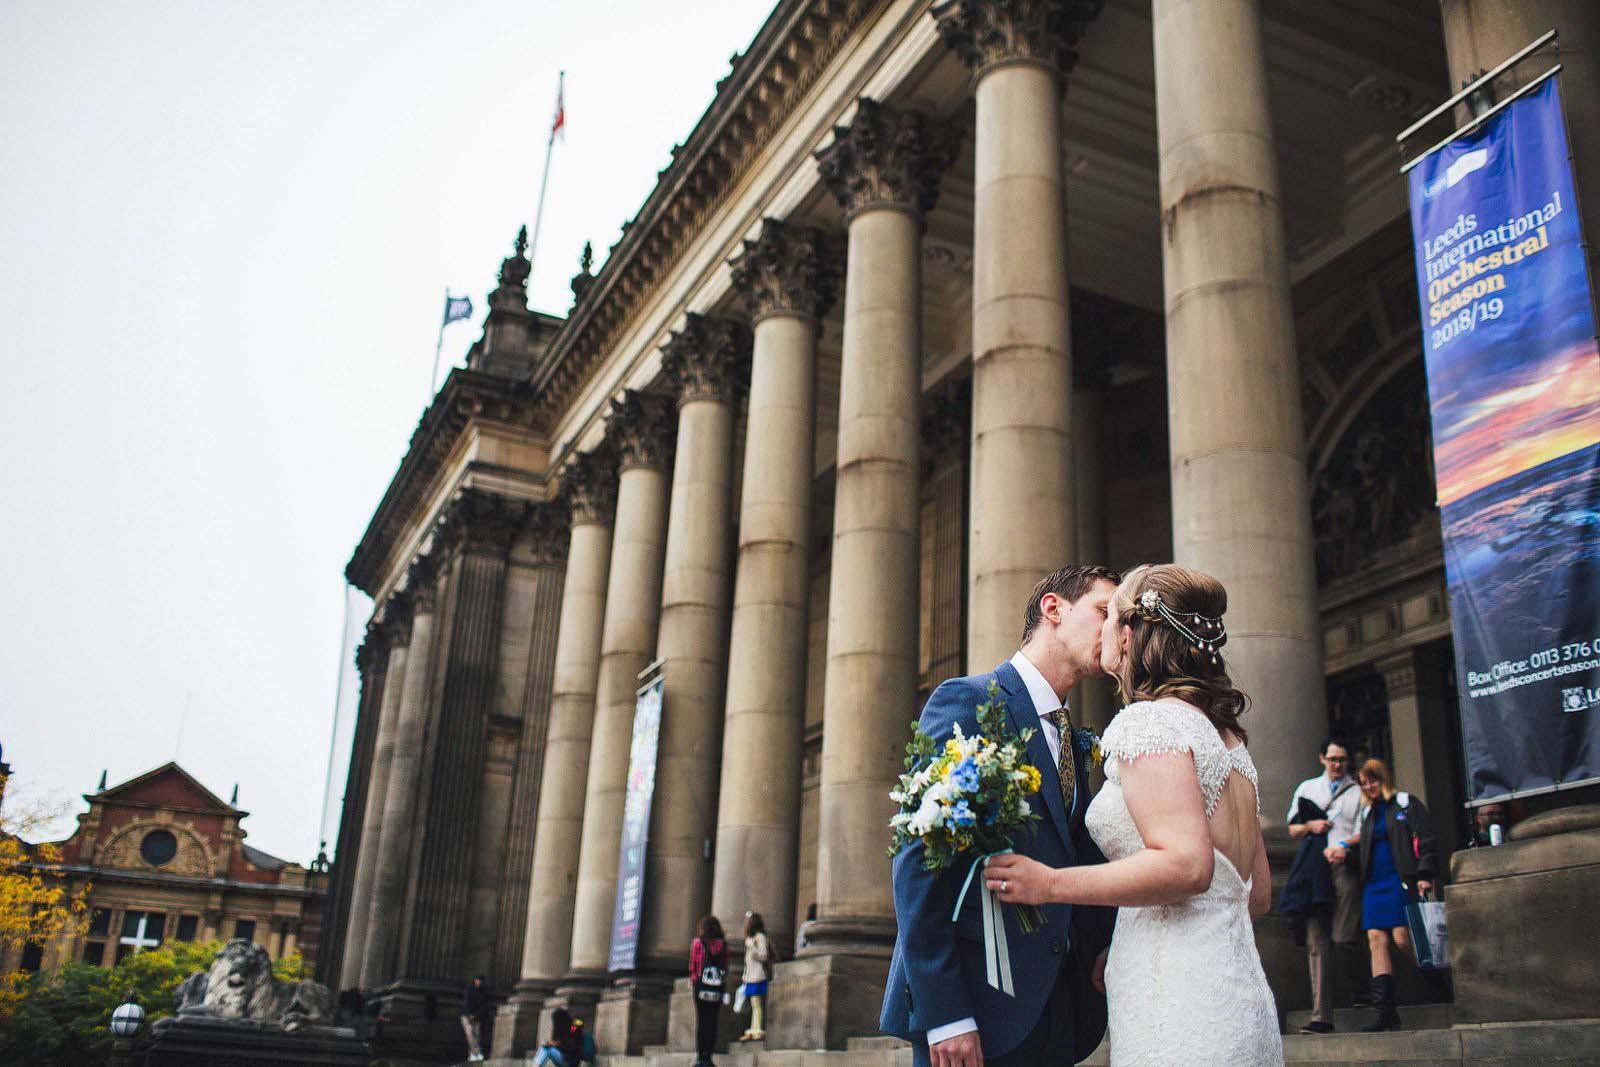 photographer weddings Leeds